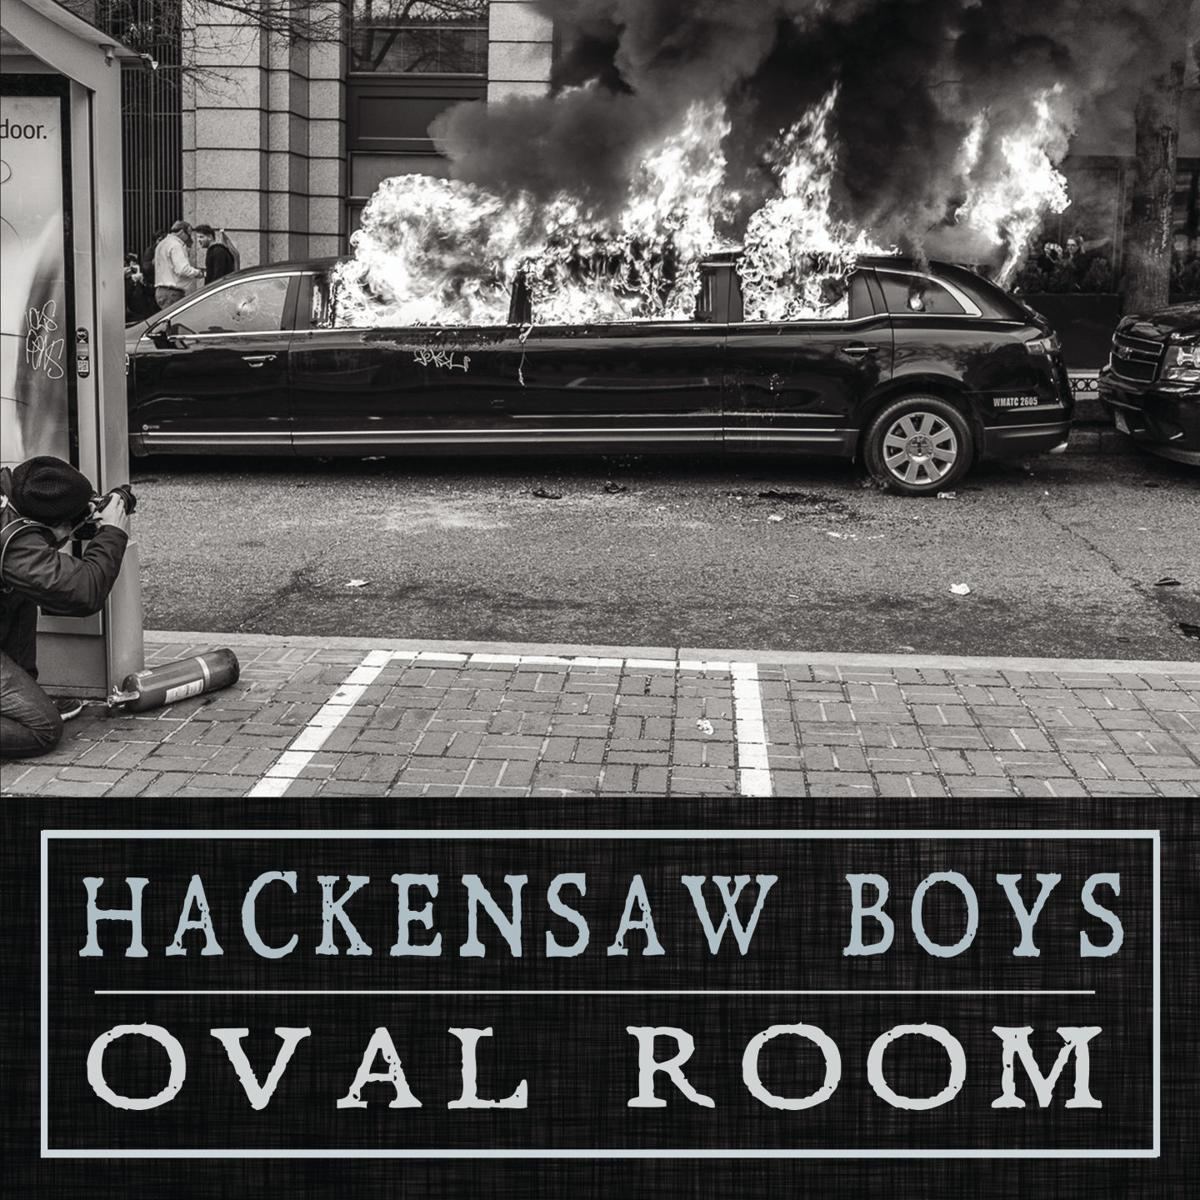 Hackensaw Boys album